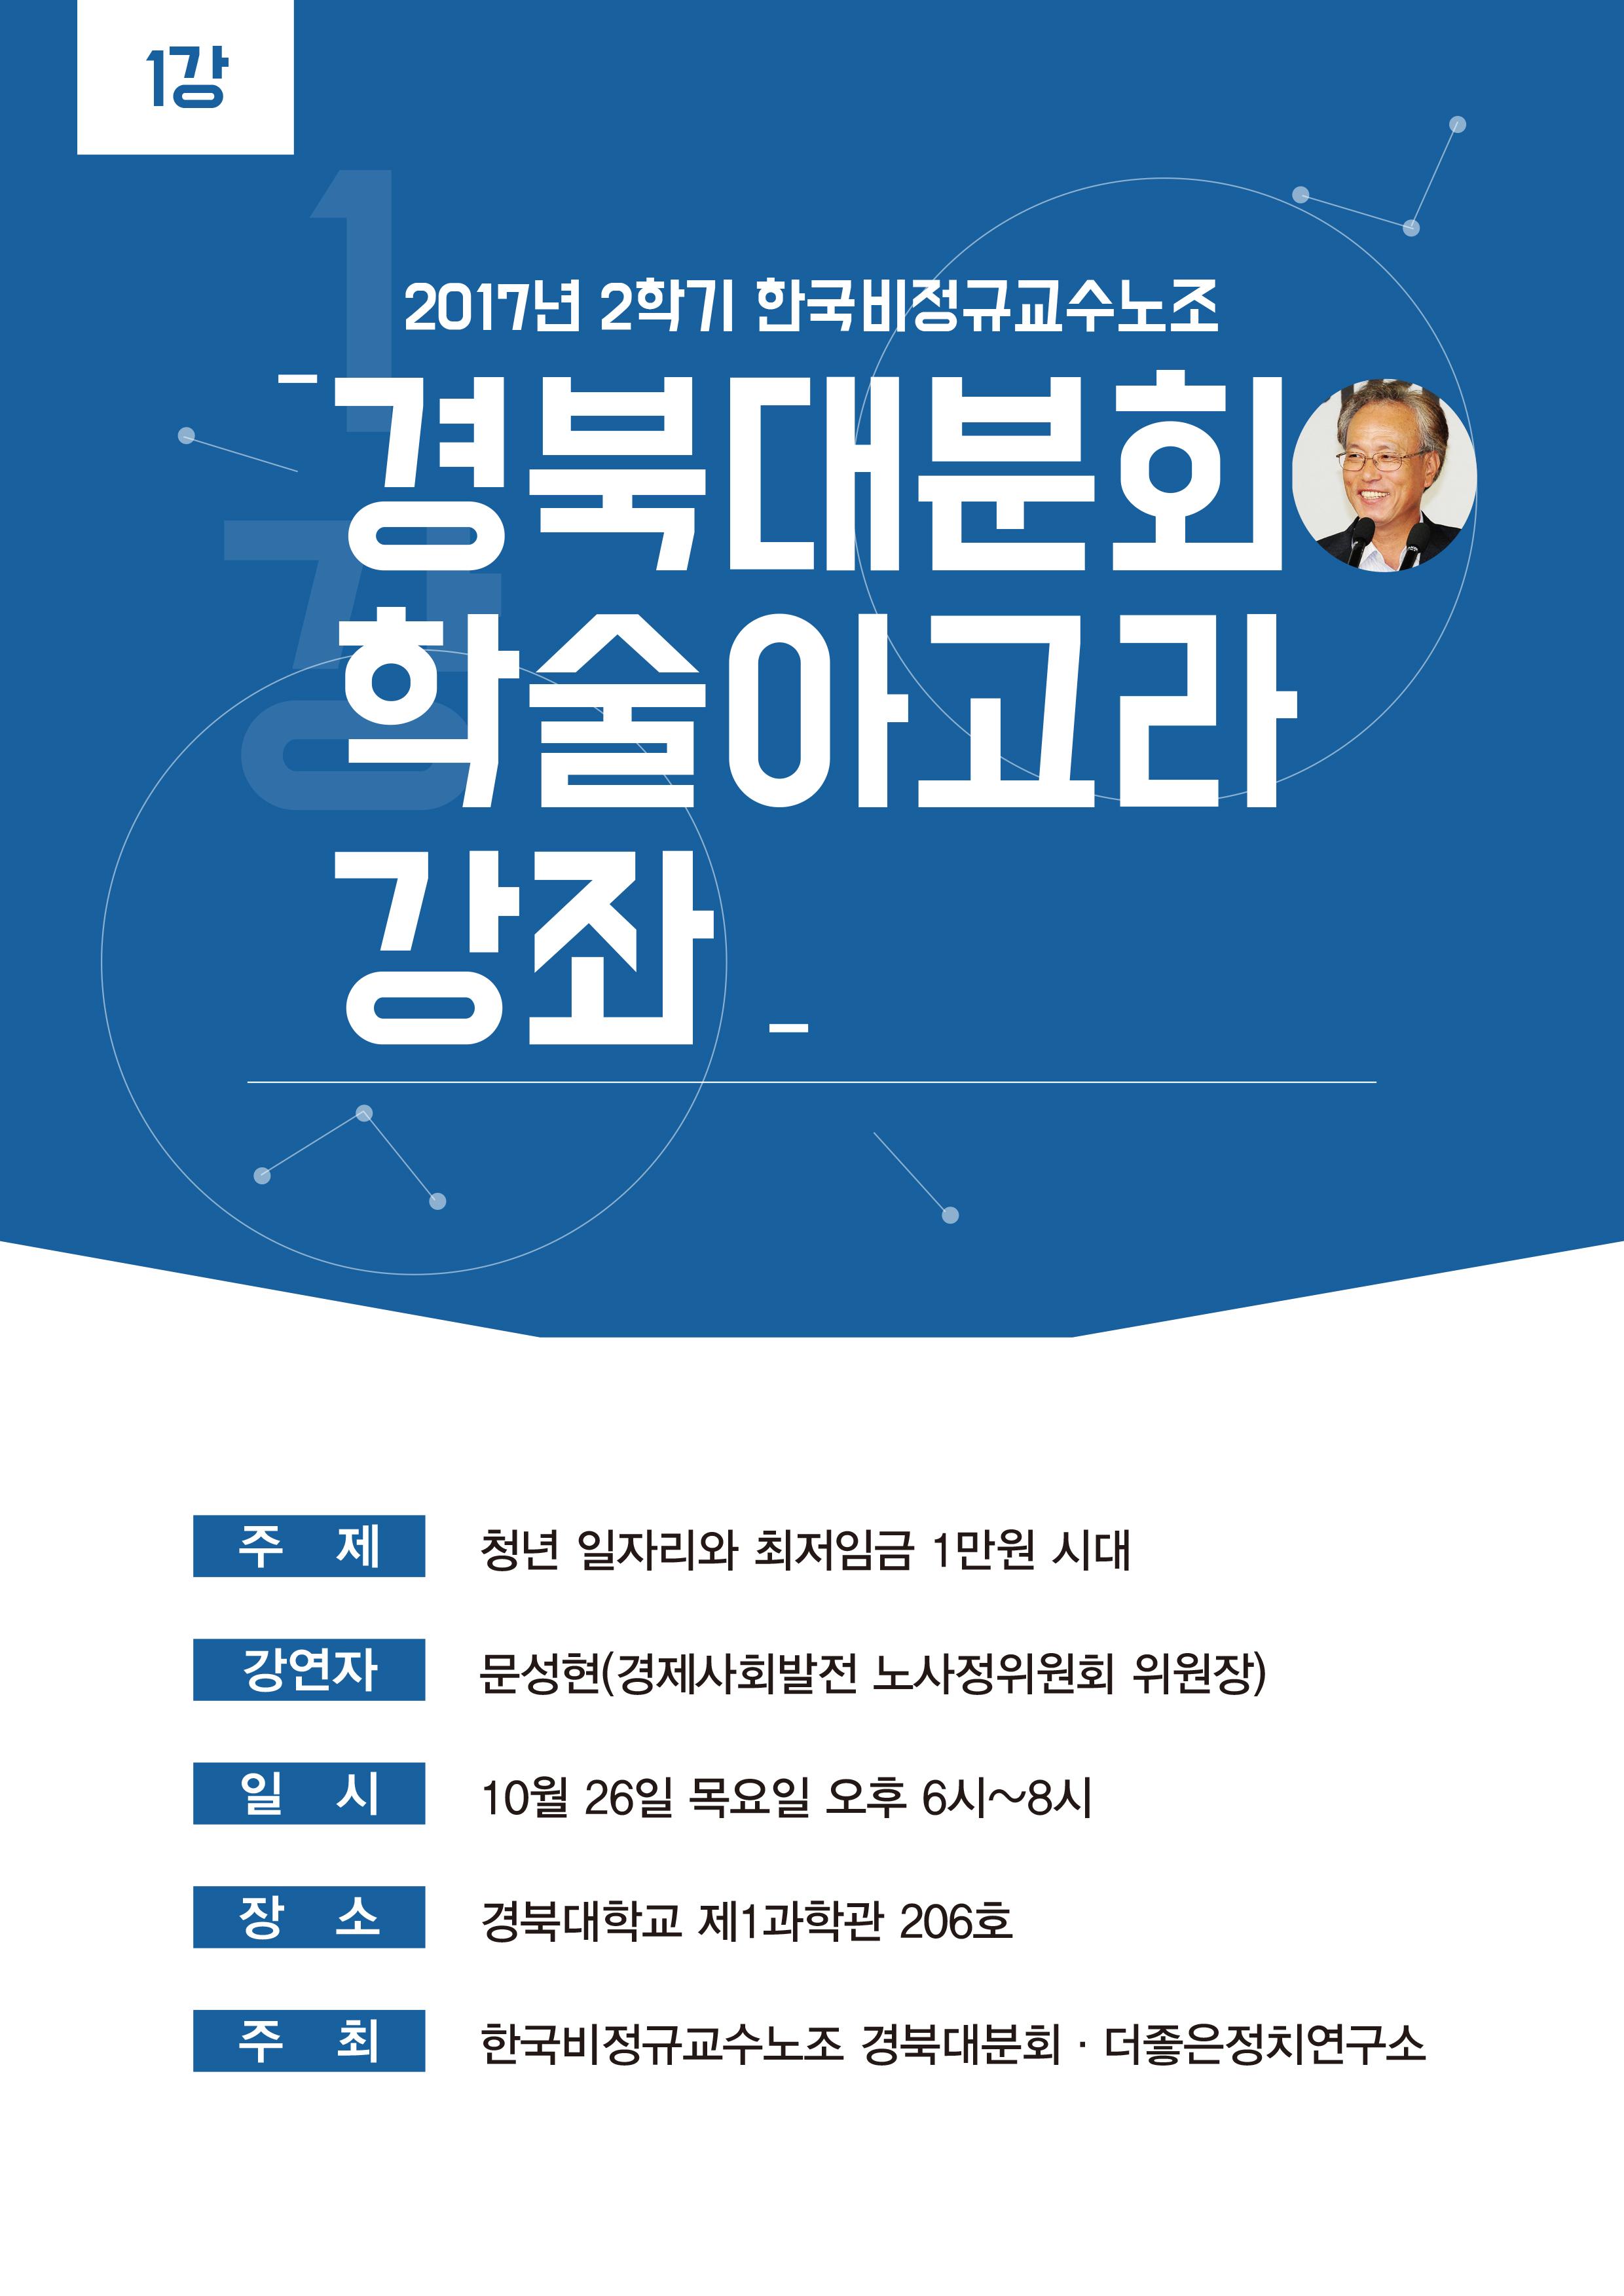 2학기 학술아고라 웹 포스터_1강.jpg